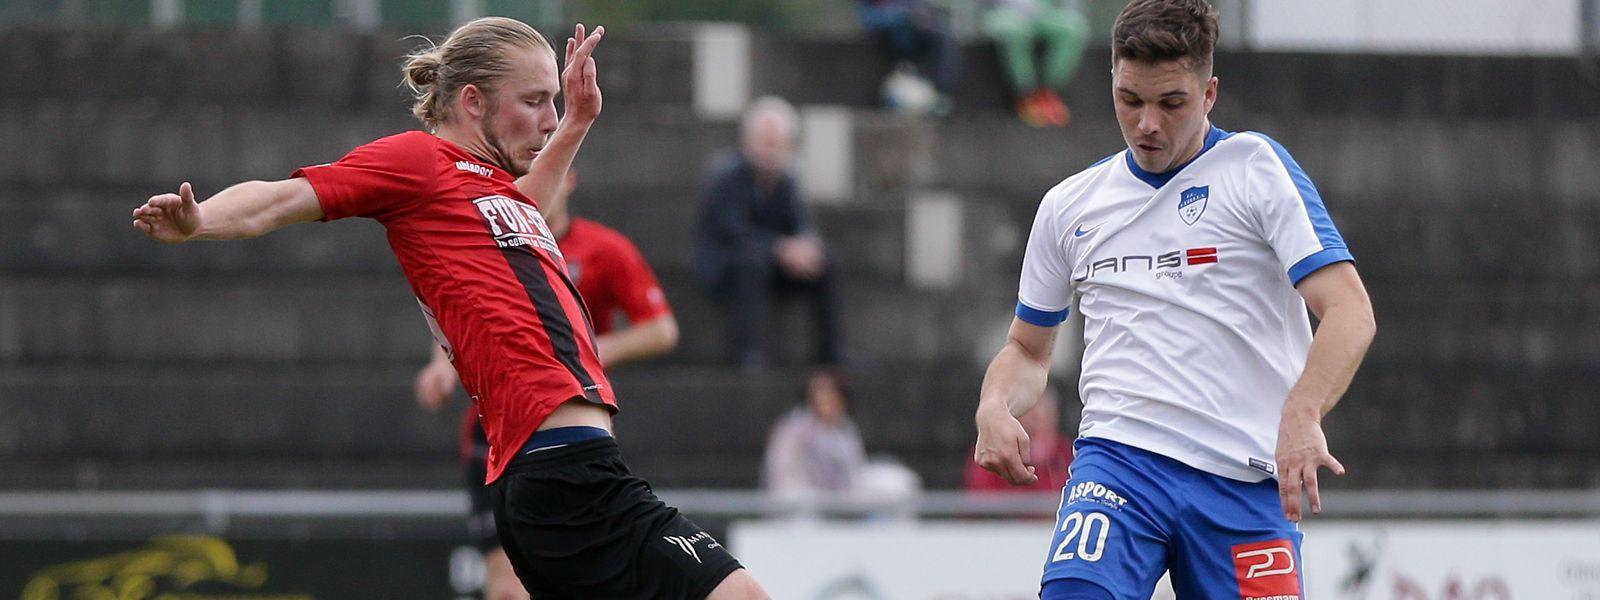 Jeff Bertemes (à g.) est de retour au FC Mondercange